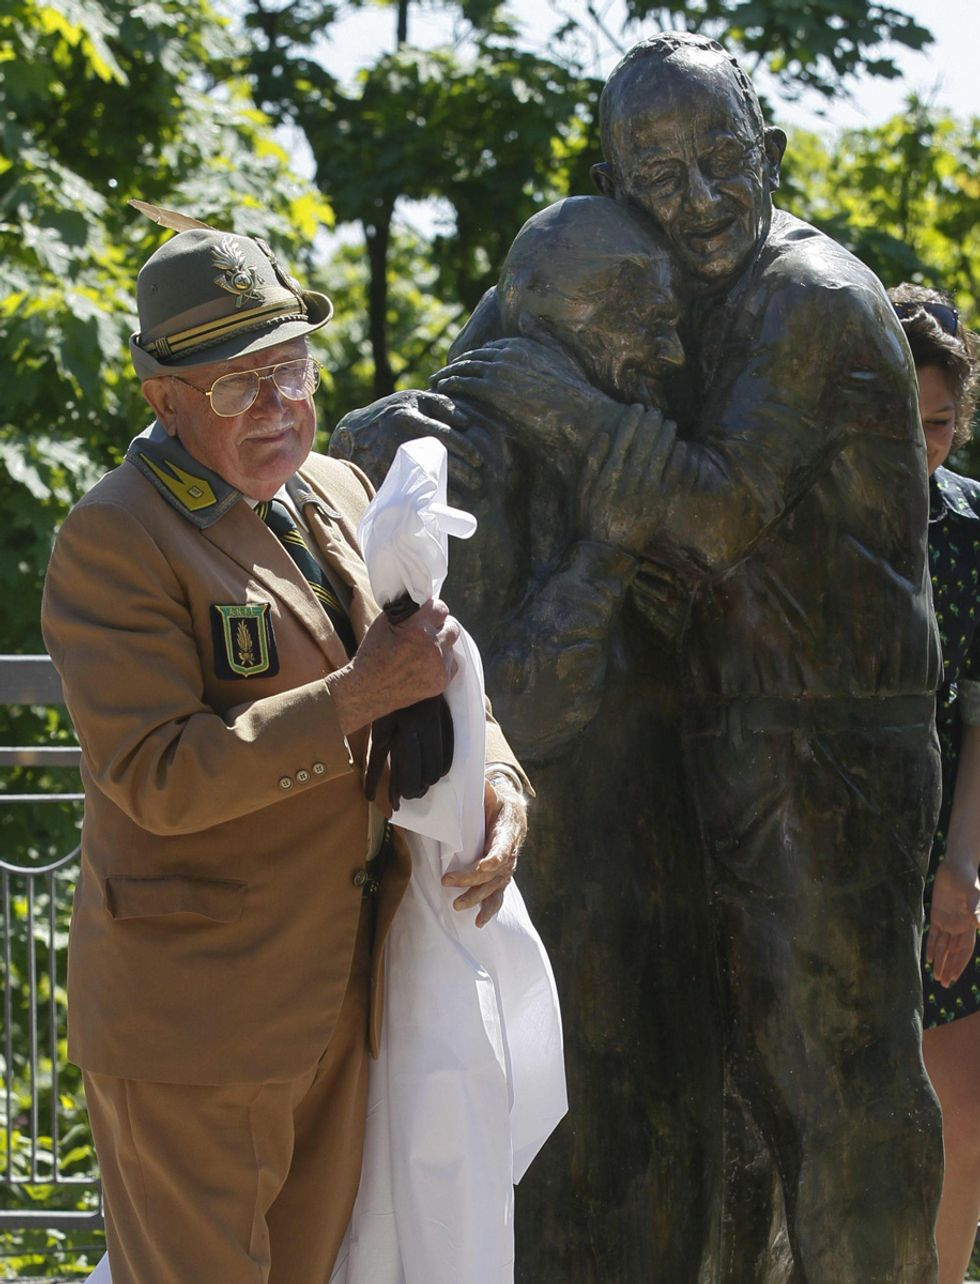 La statua all'amore eterno e altre foto del giorno, 7.5.2013